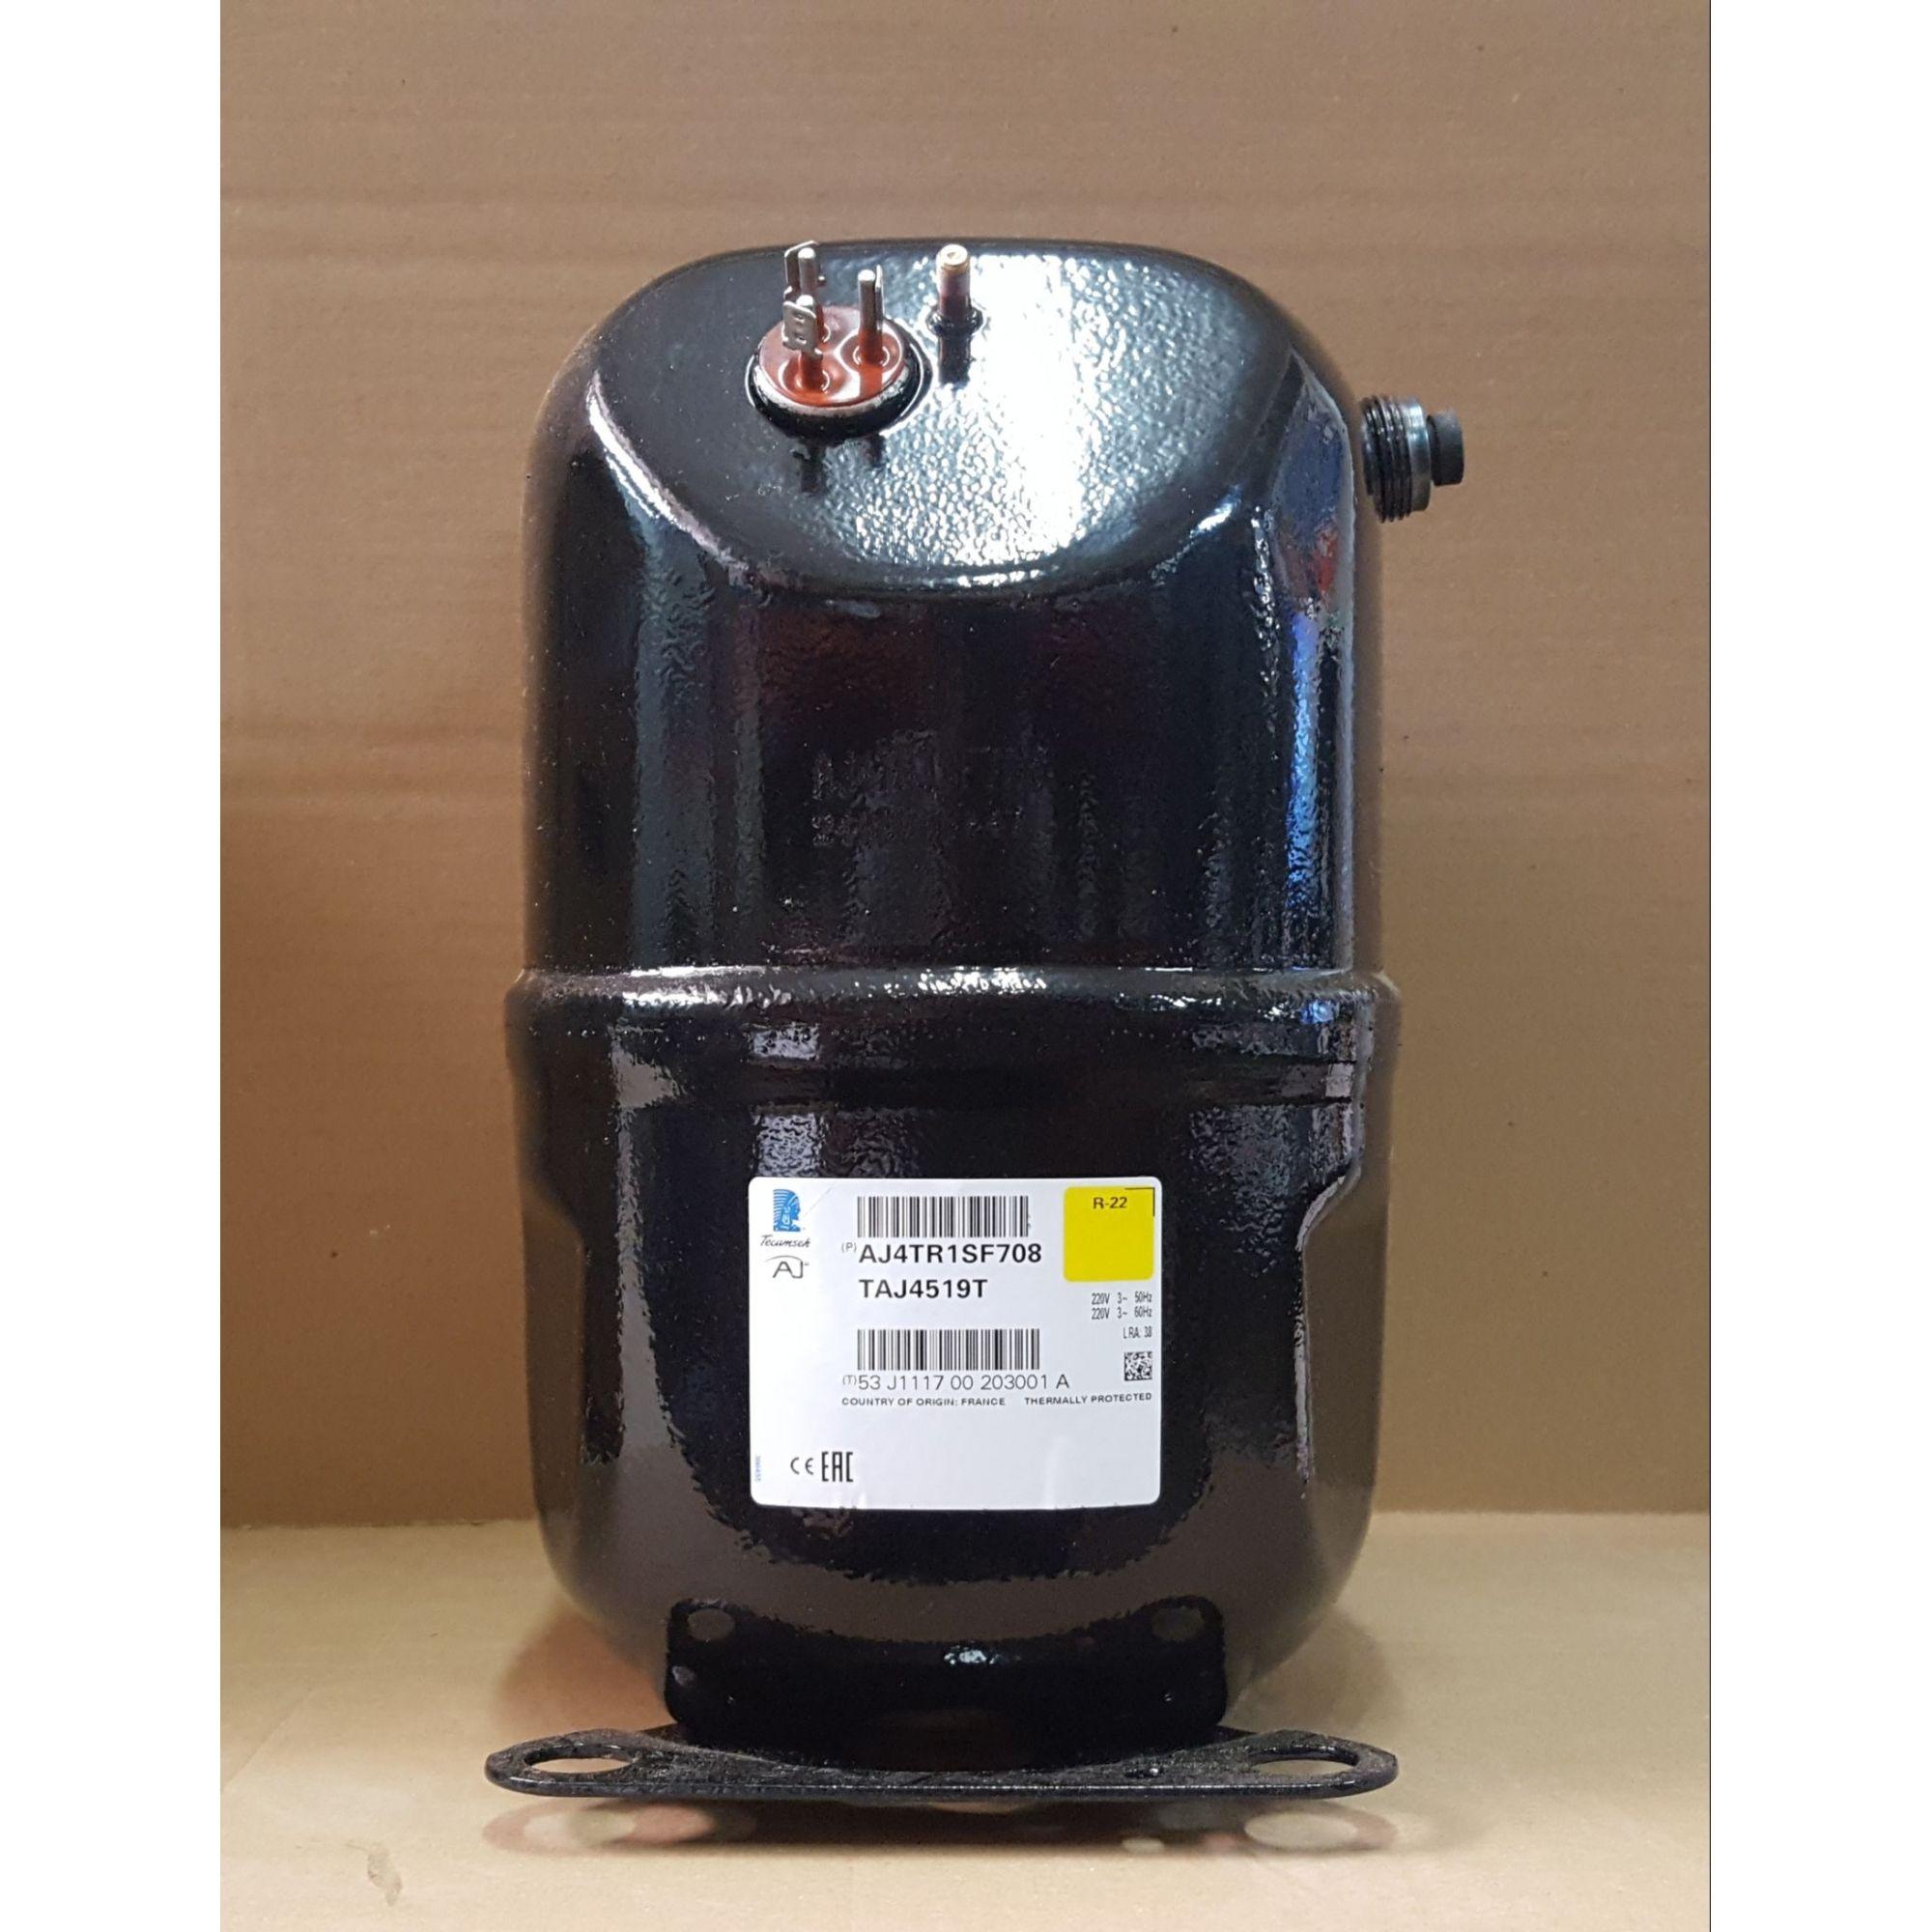 COMPRESSOR TECUMSEH COM ROSCA 1 1/2 HP - TAJ4519T - R-22 (220v - Trifásico) - (FRETE GRÁTIS)